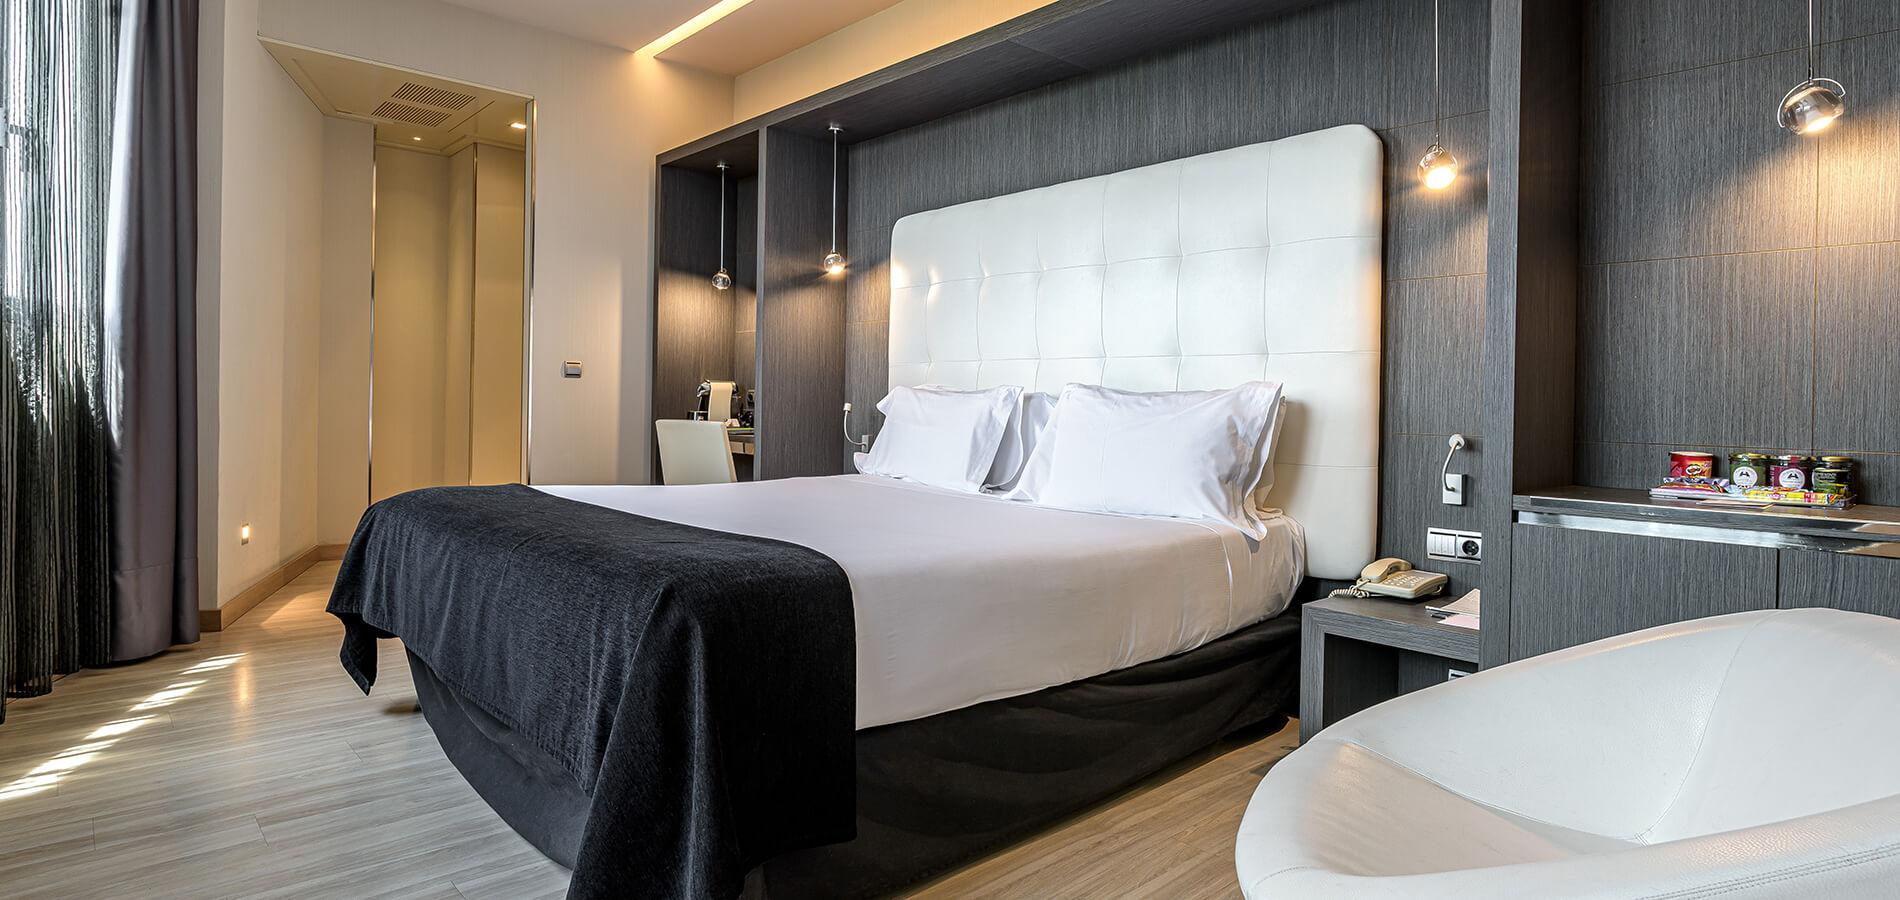 Habitaciones cómodas, espaciosas y con un cuidado diseño ...